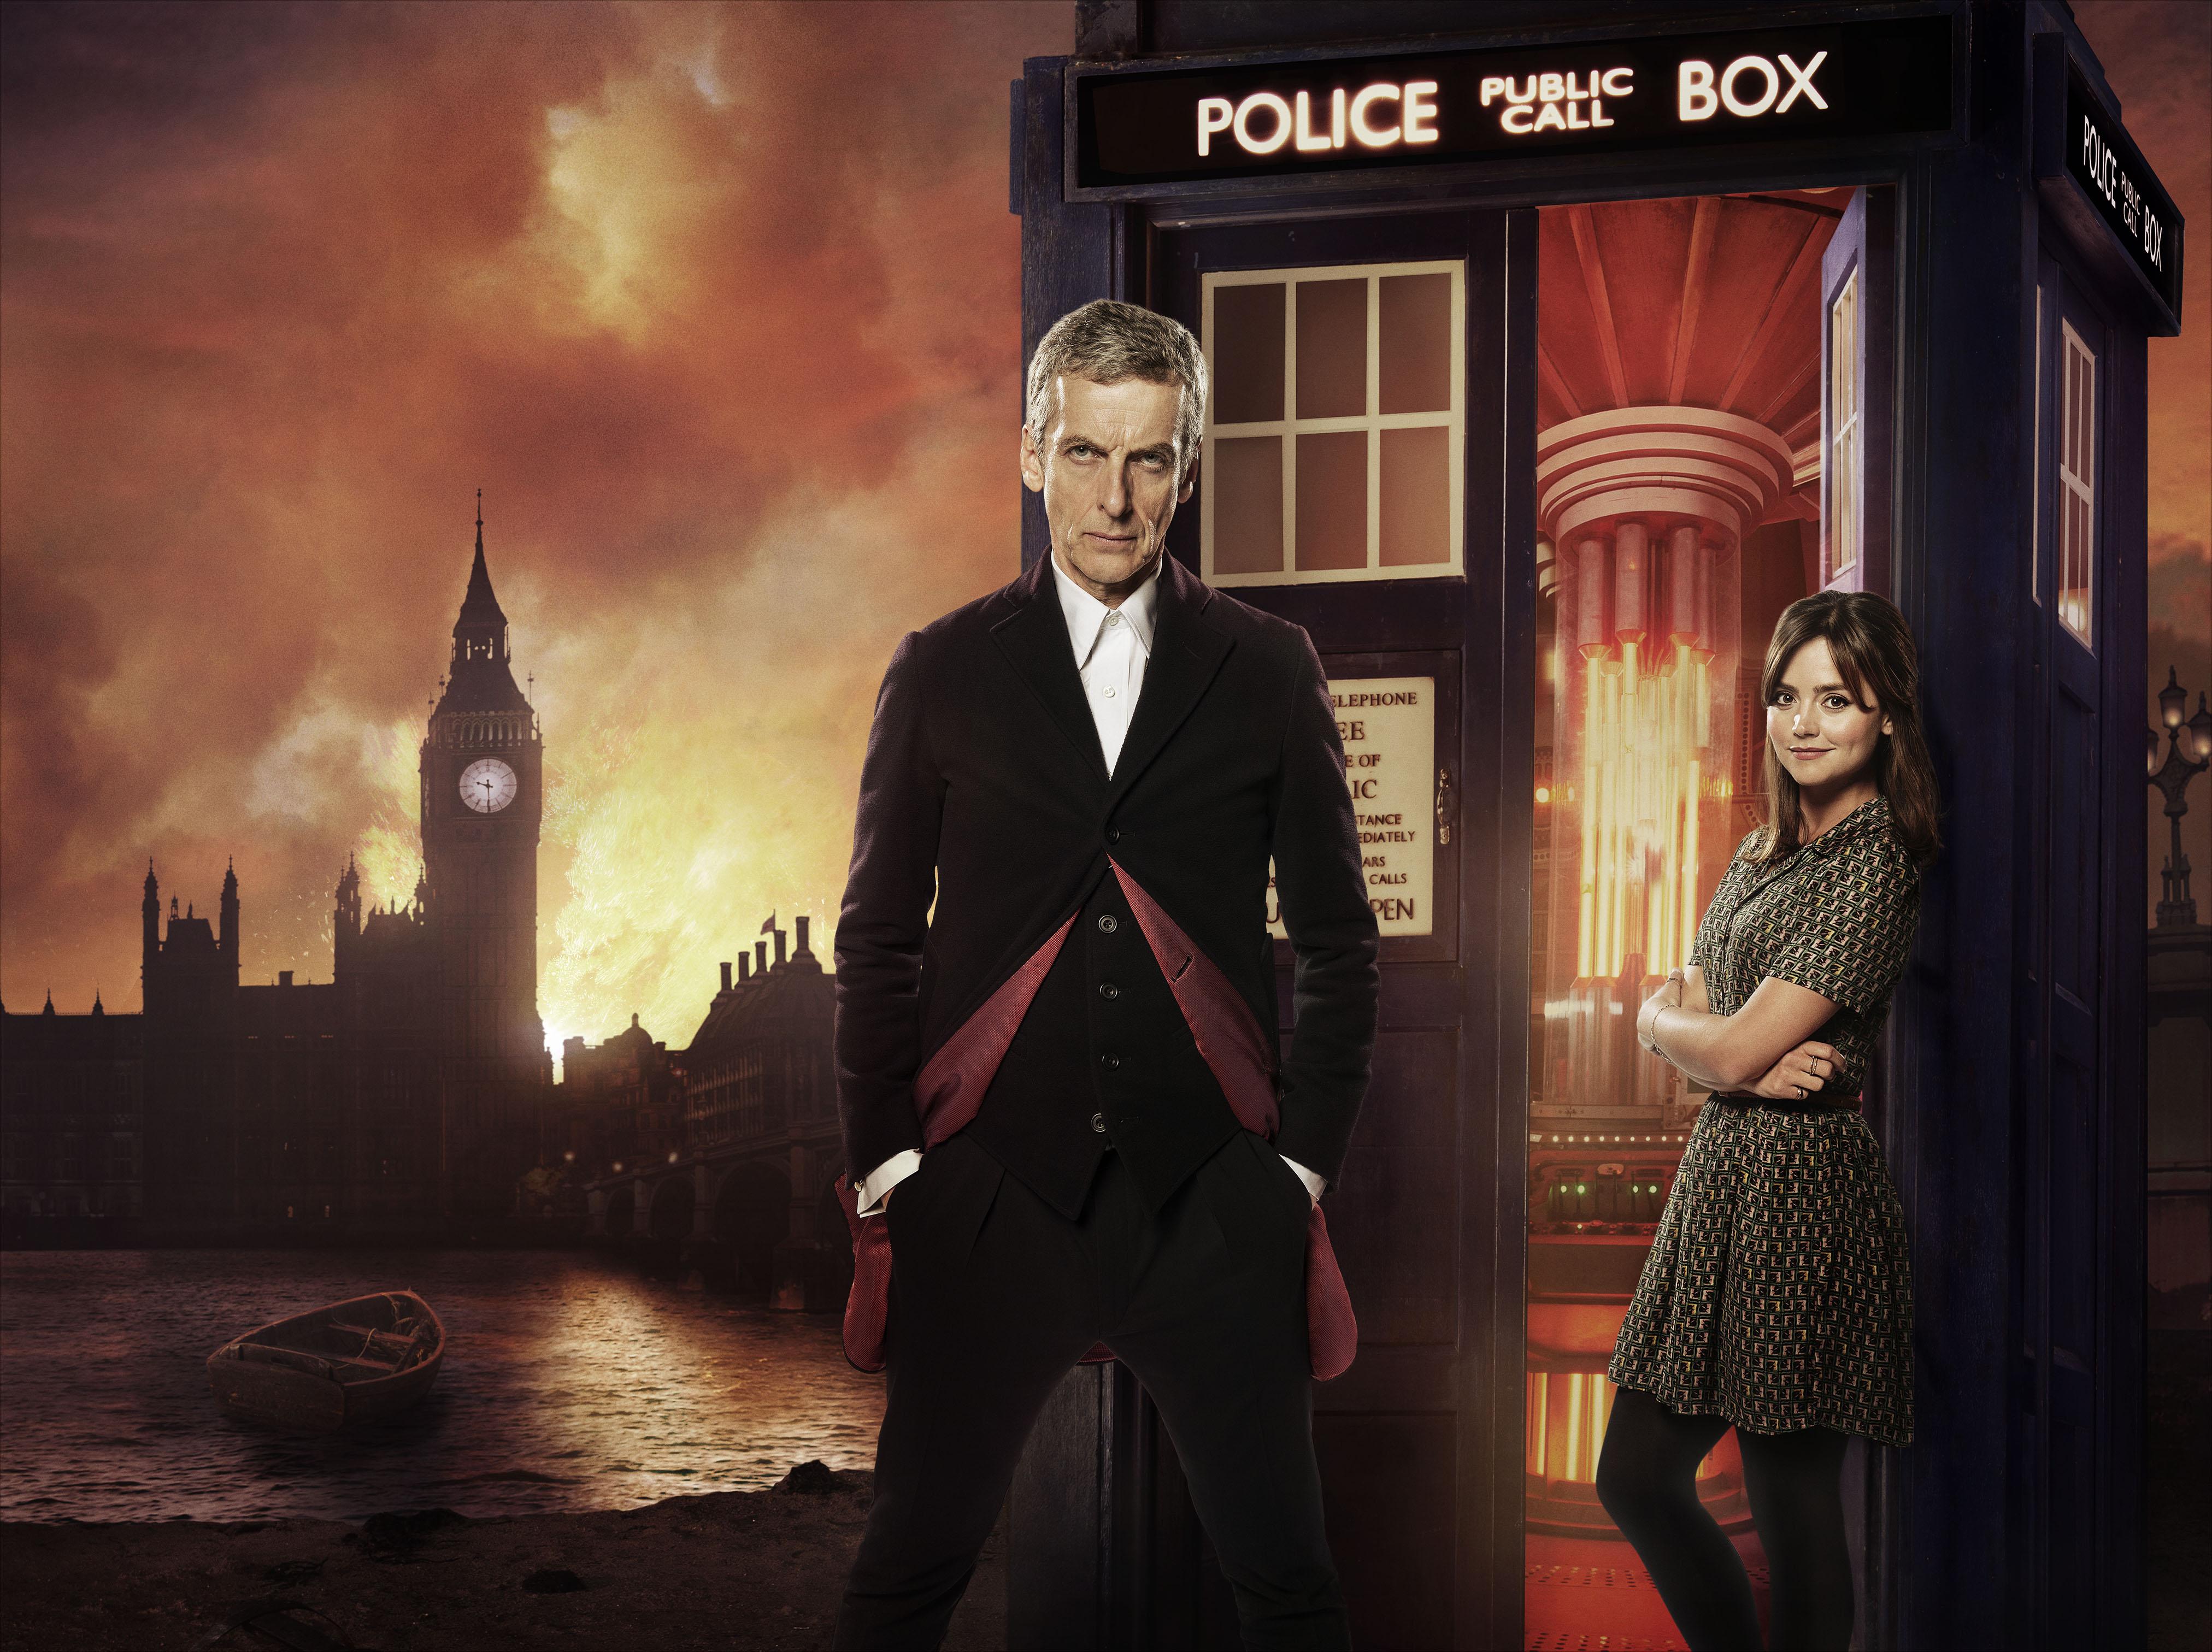 Peter Capaldi as The Doctor and Jenna Coleman as Clara